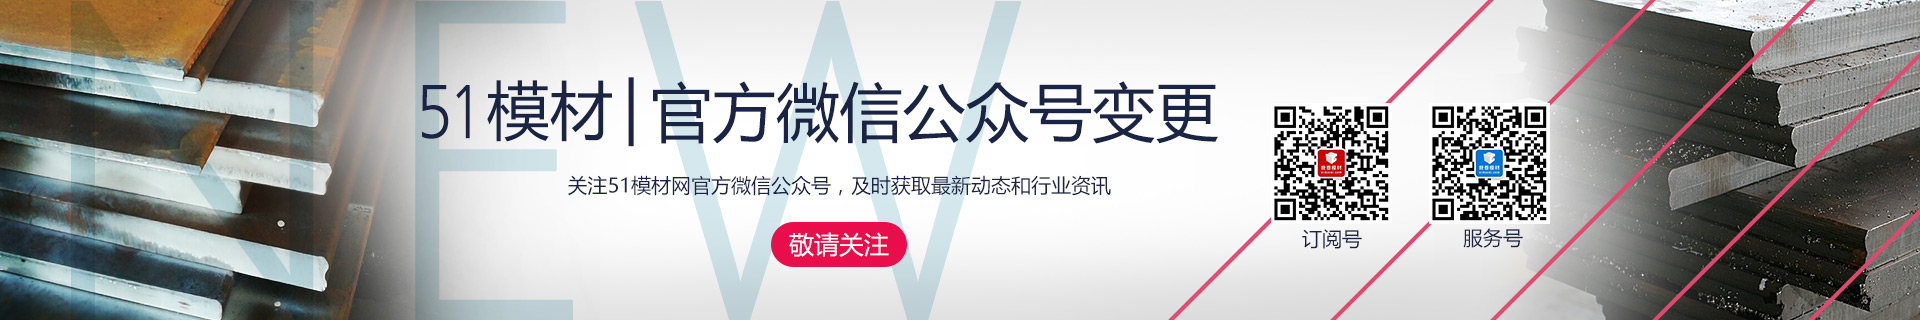 51模材网官方微信公众号变更